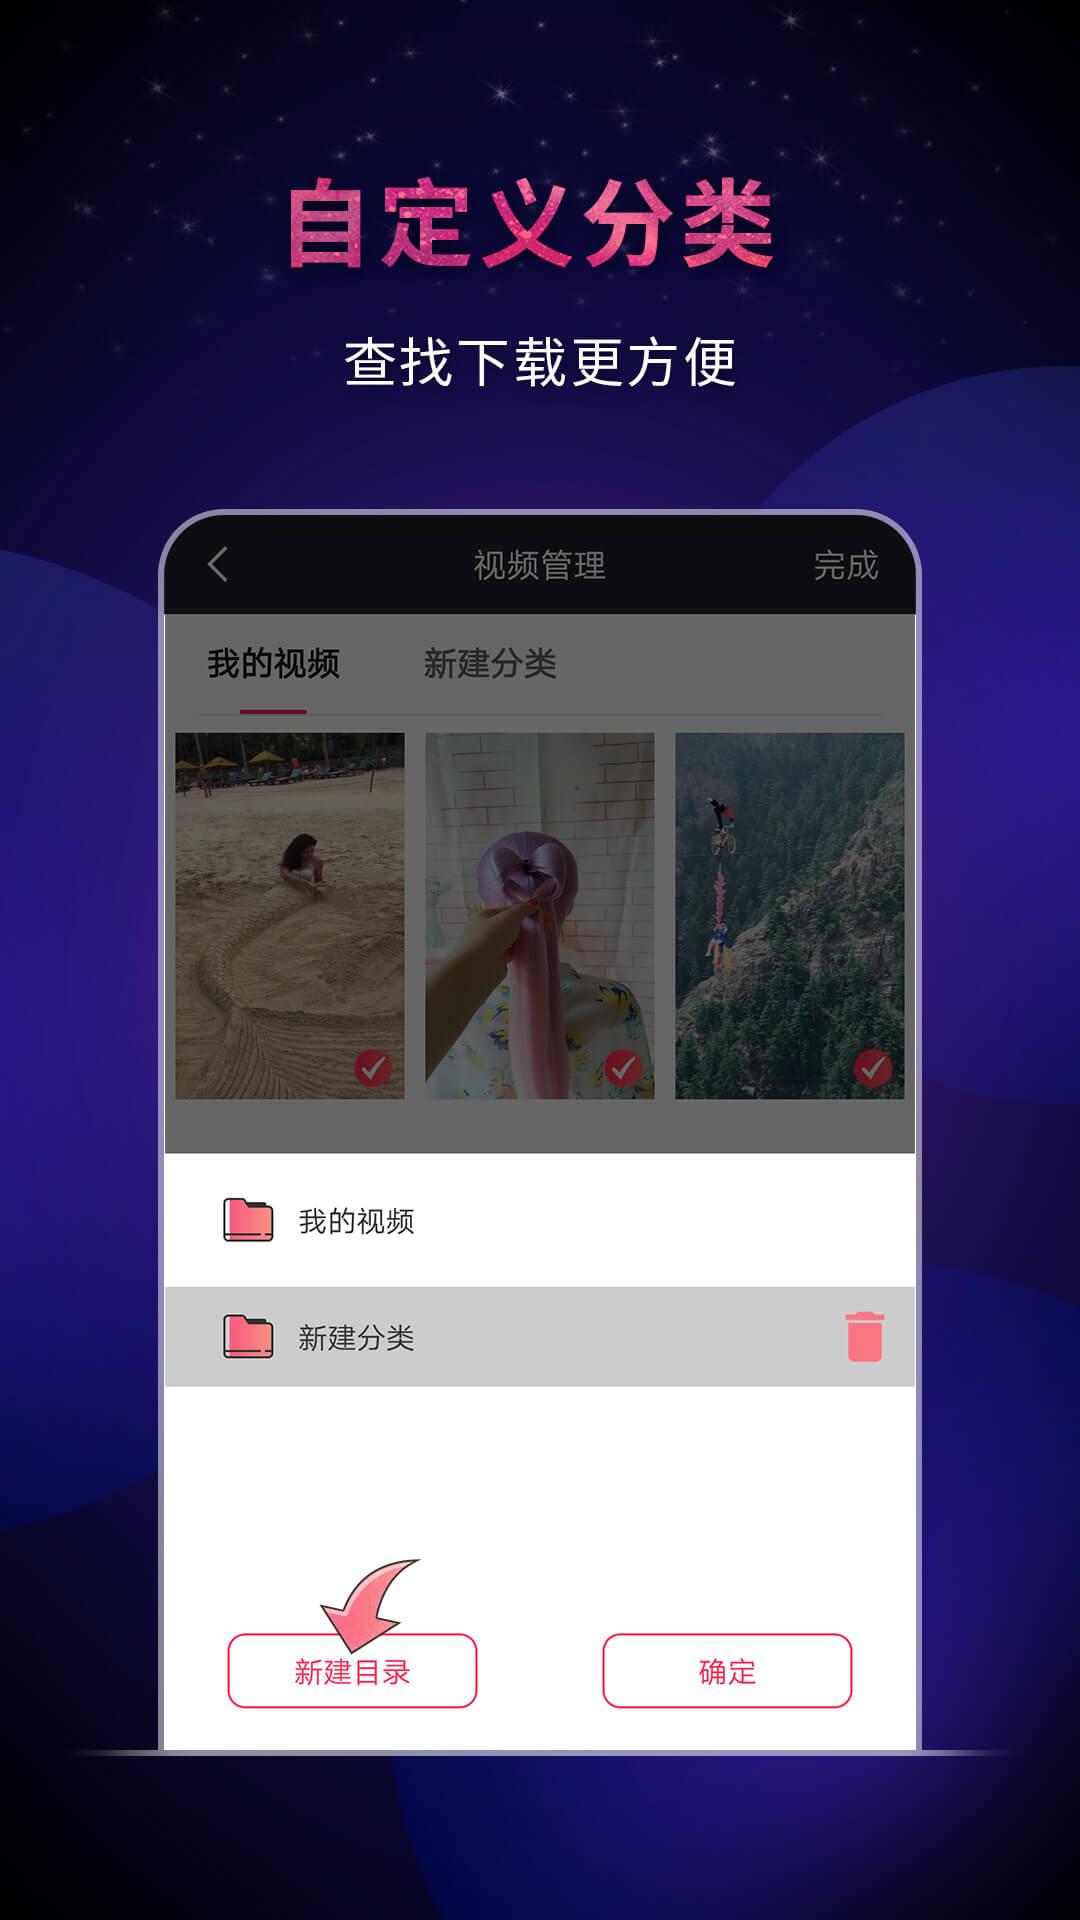 飞狐视频下载器截图2